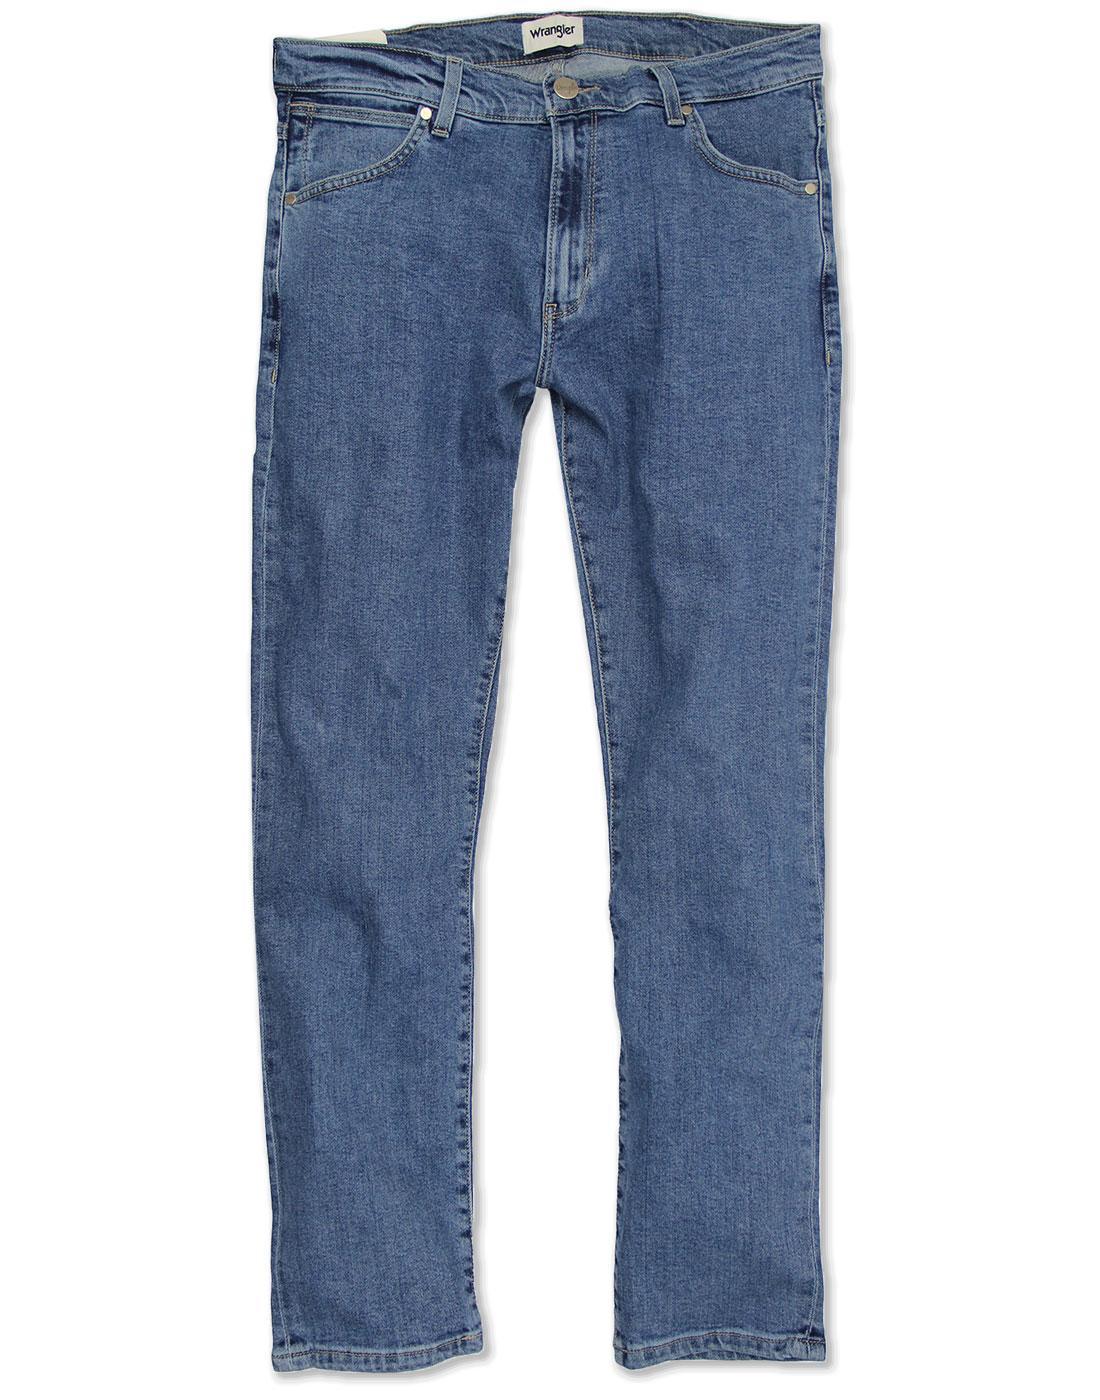 Larston WRANGLER Retro Slim Taper Midstone Jeans